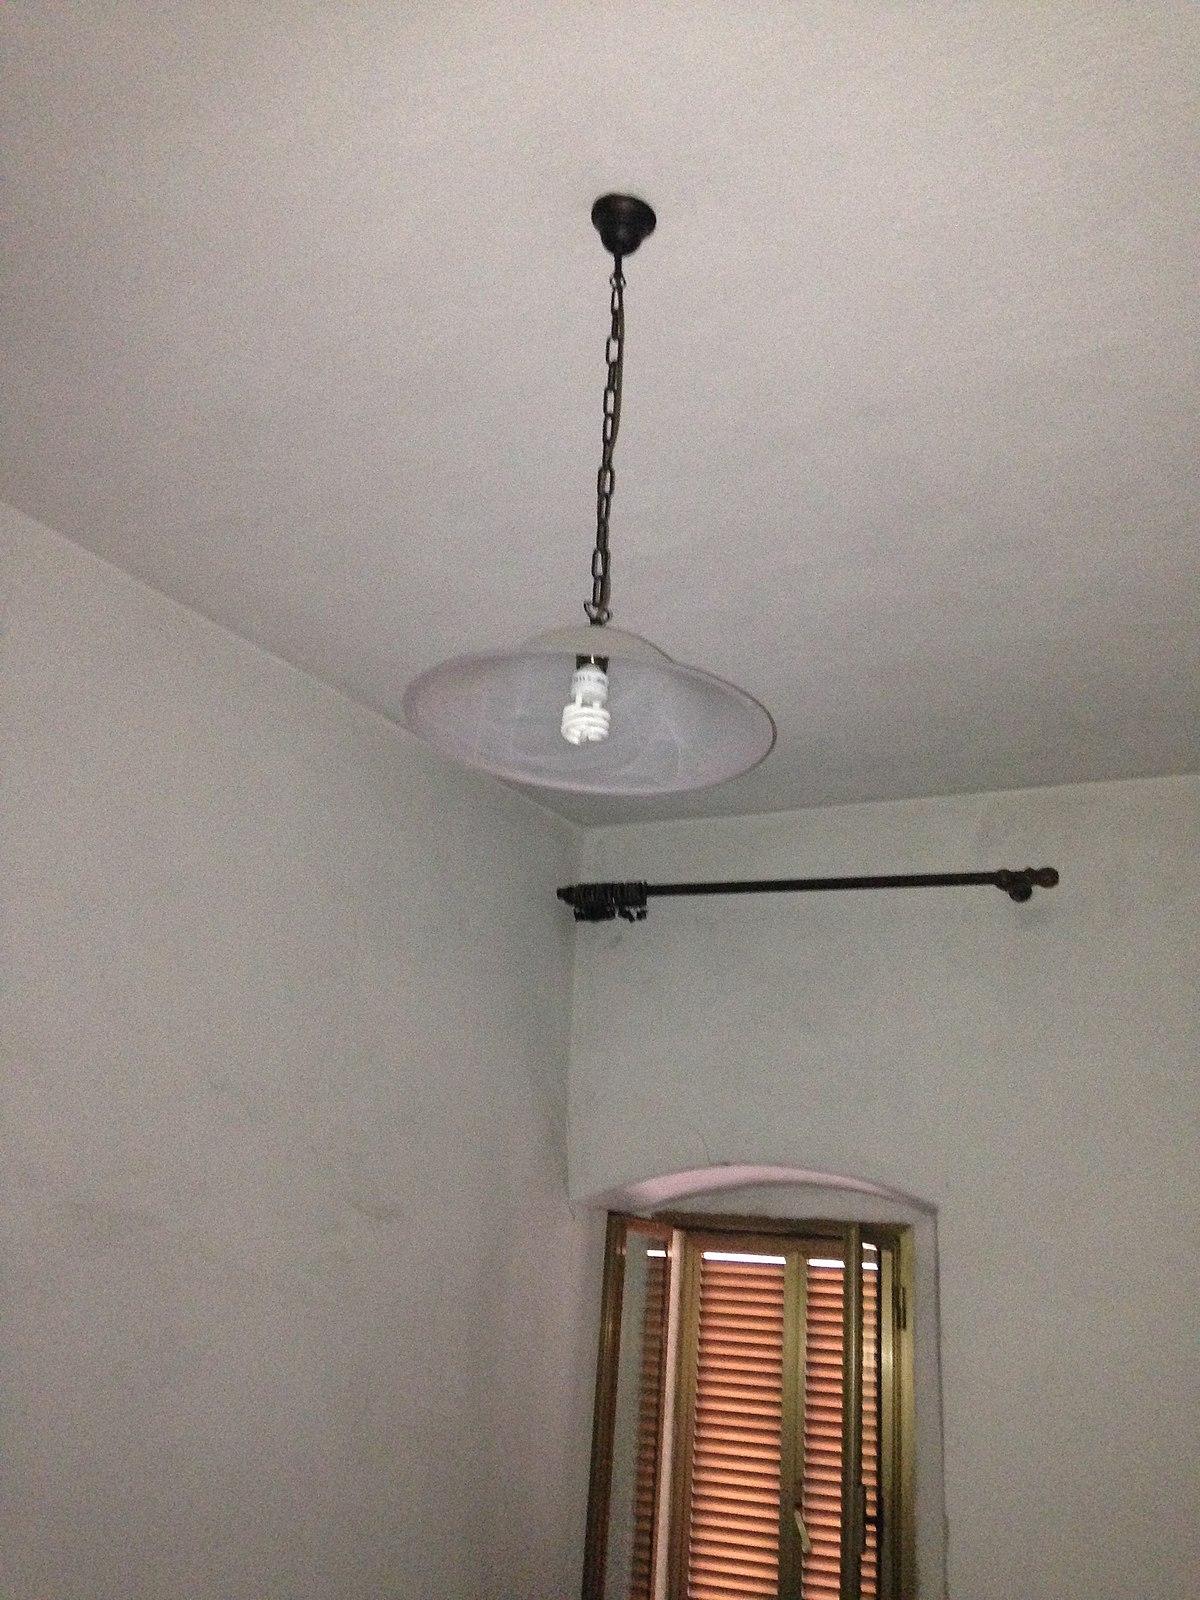 File:Lampadario camera da letto 2.jpg - Wikimedia Commons